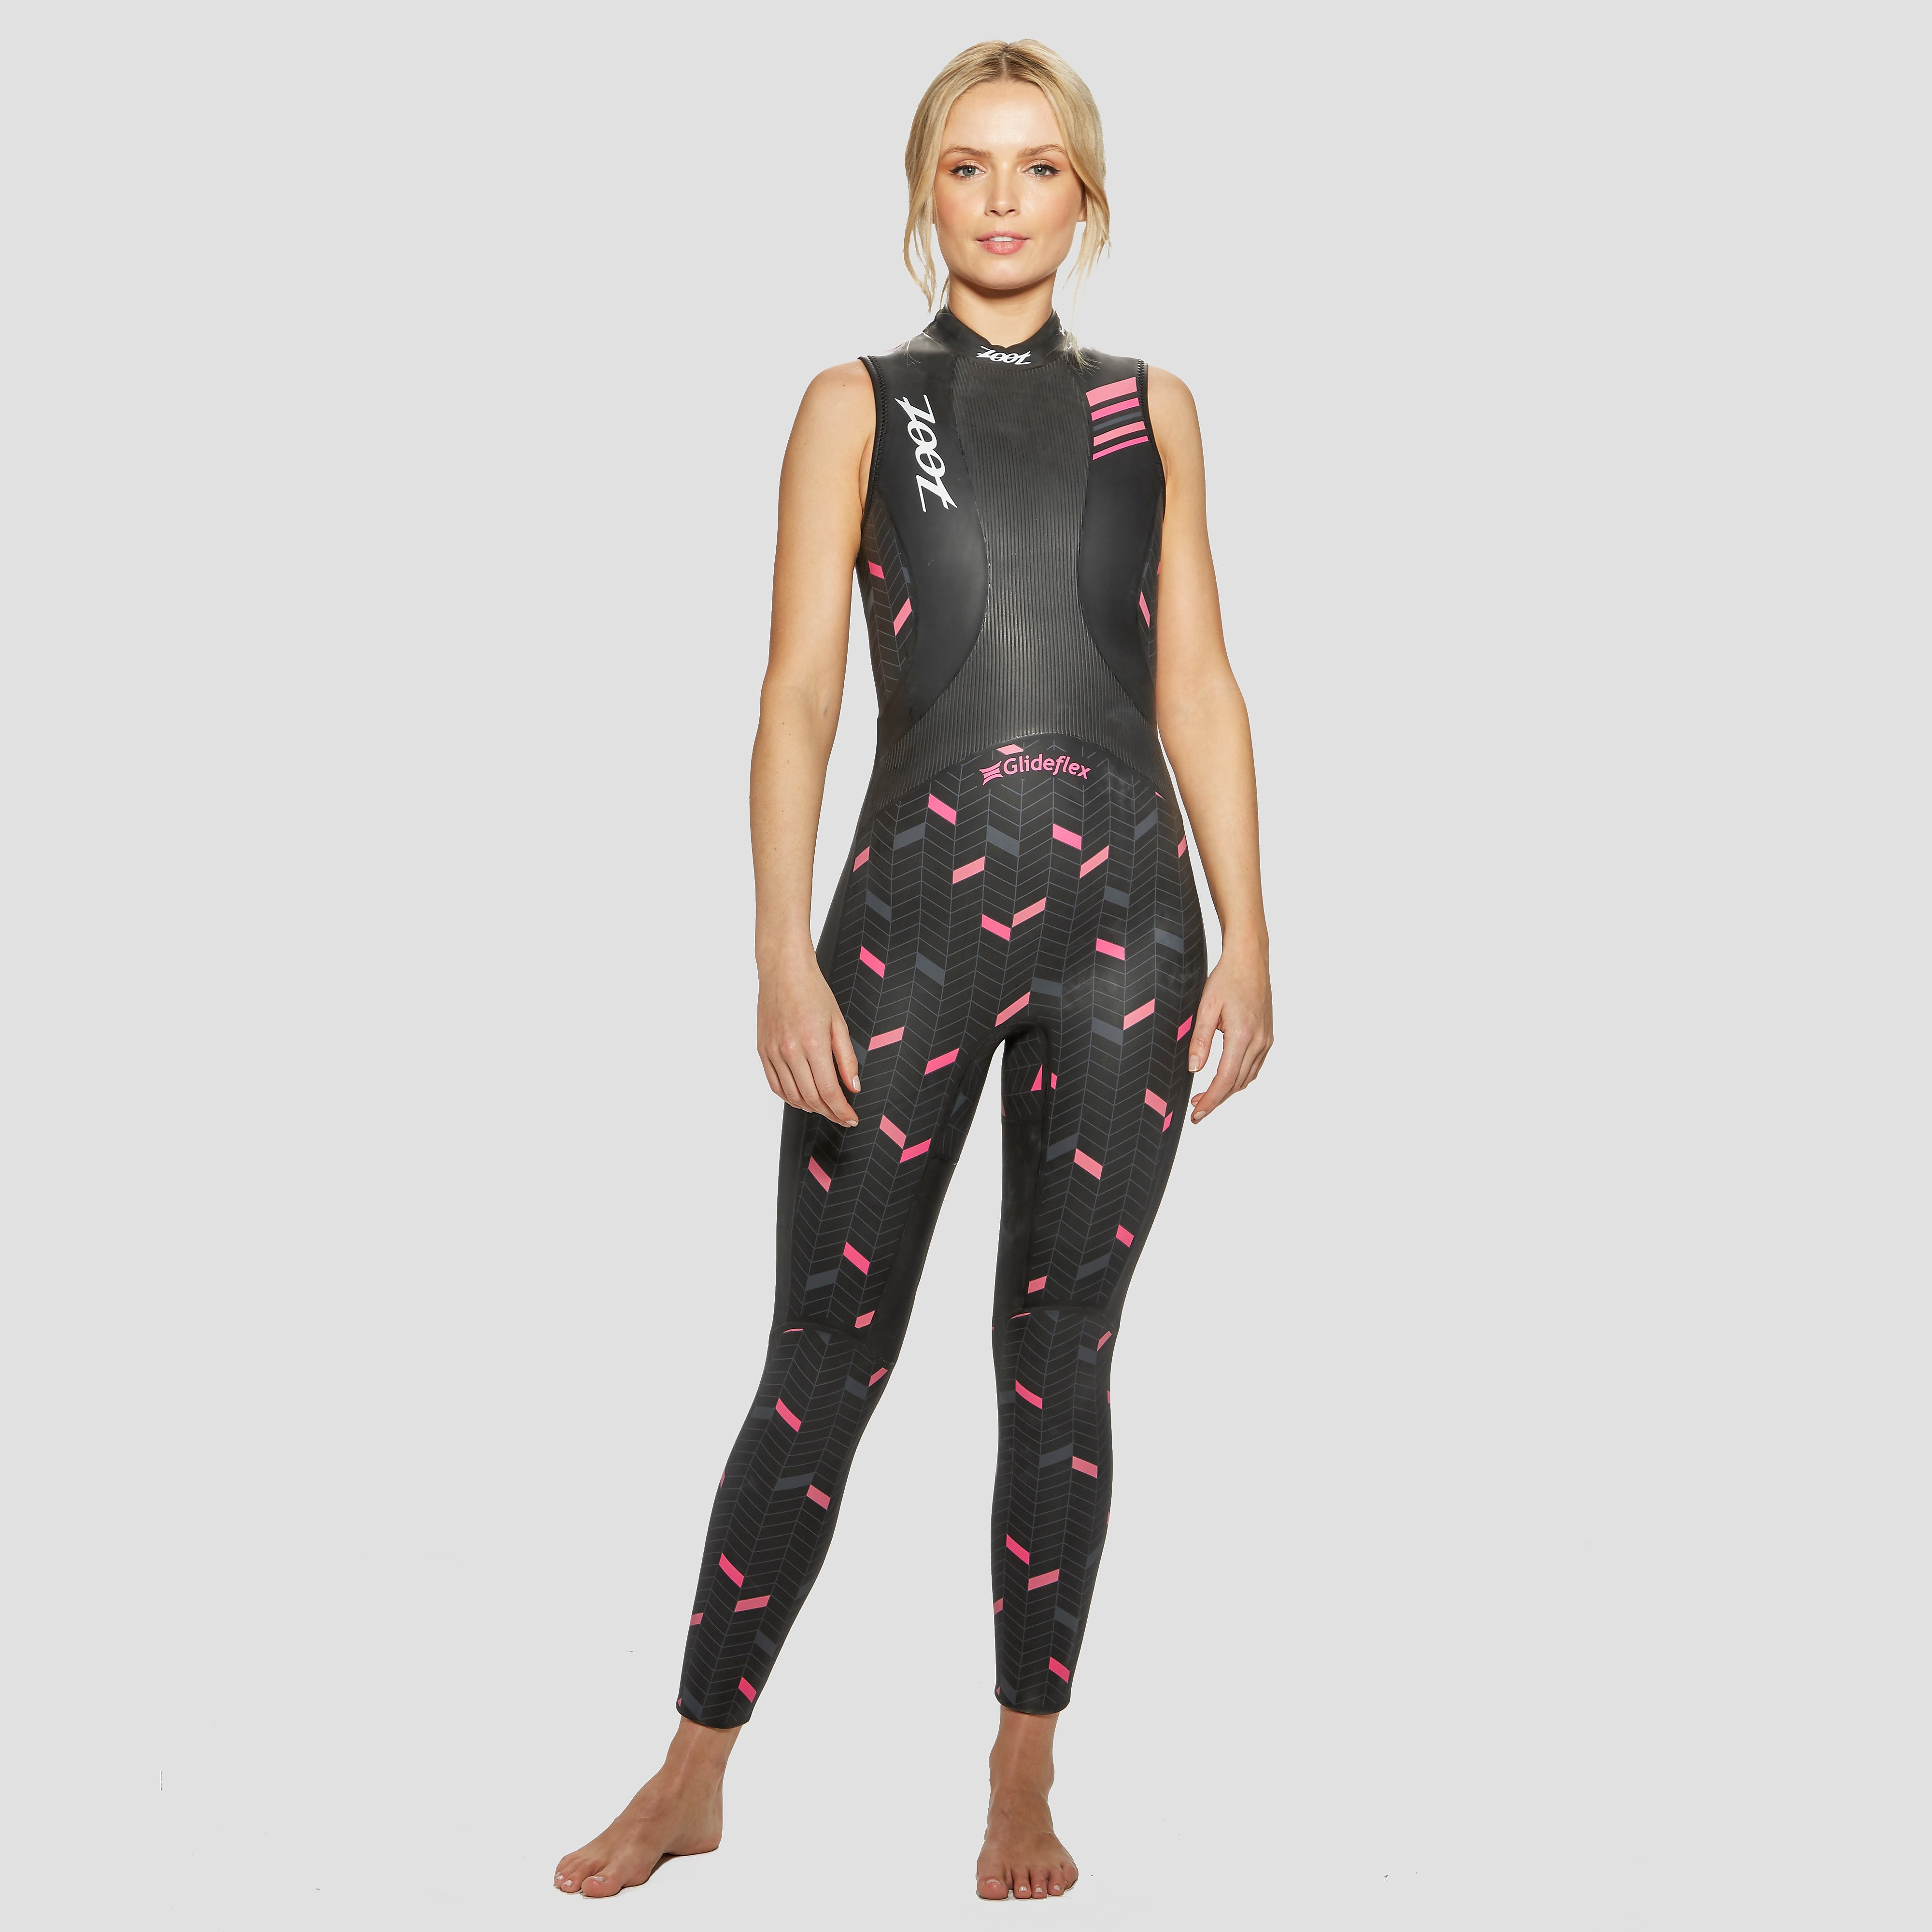 Zoot Wahine 1 Women's Sleeveless Wetsuit